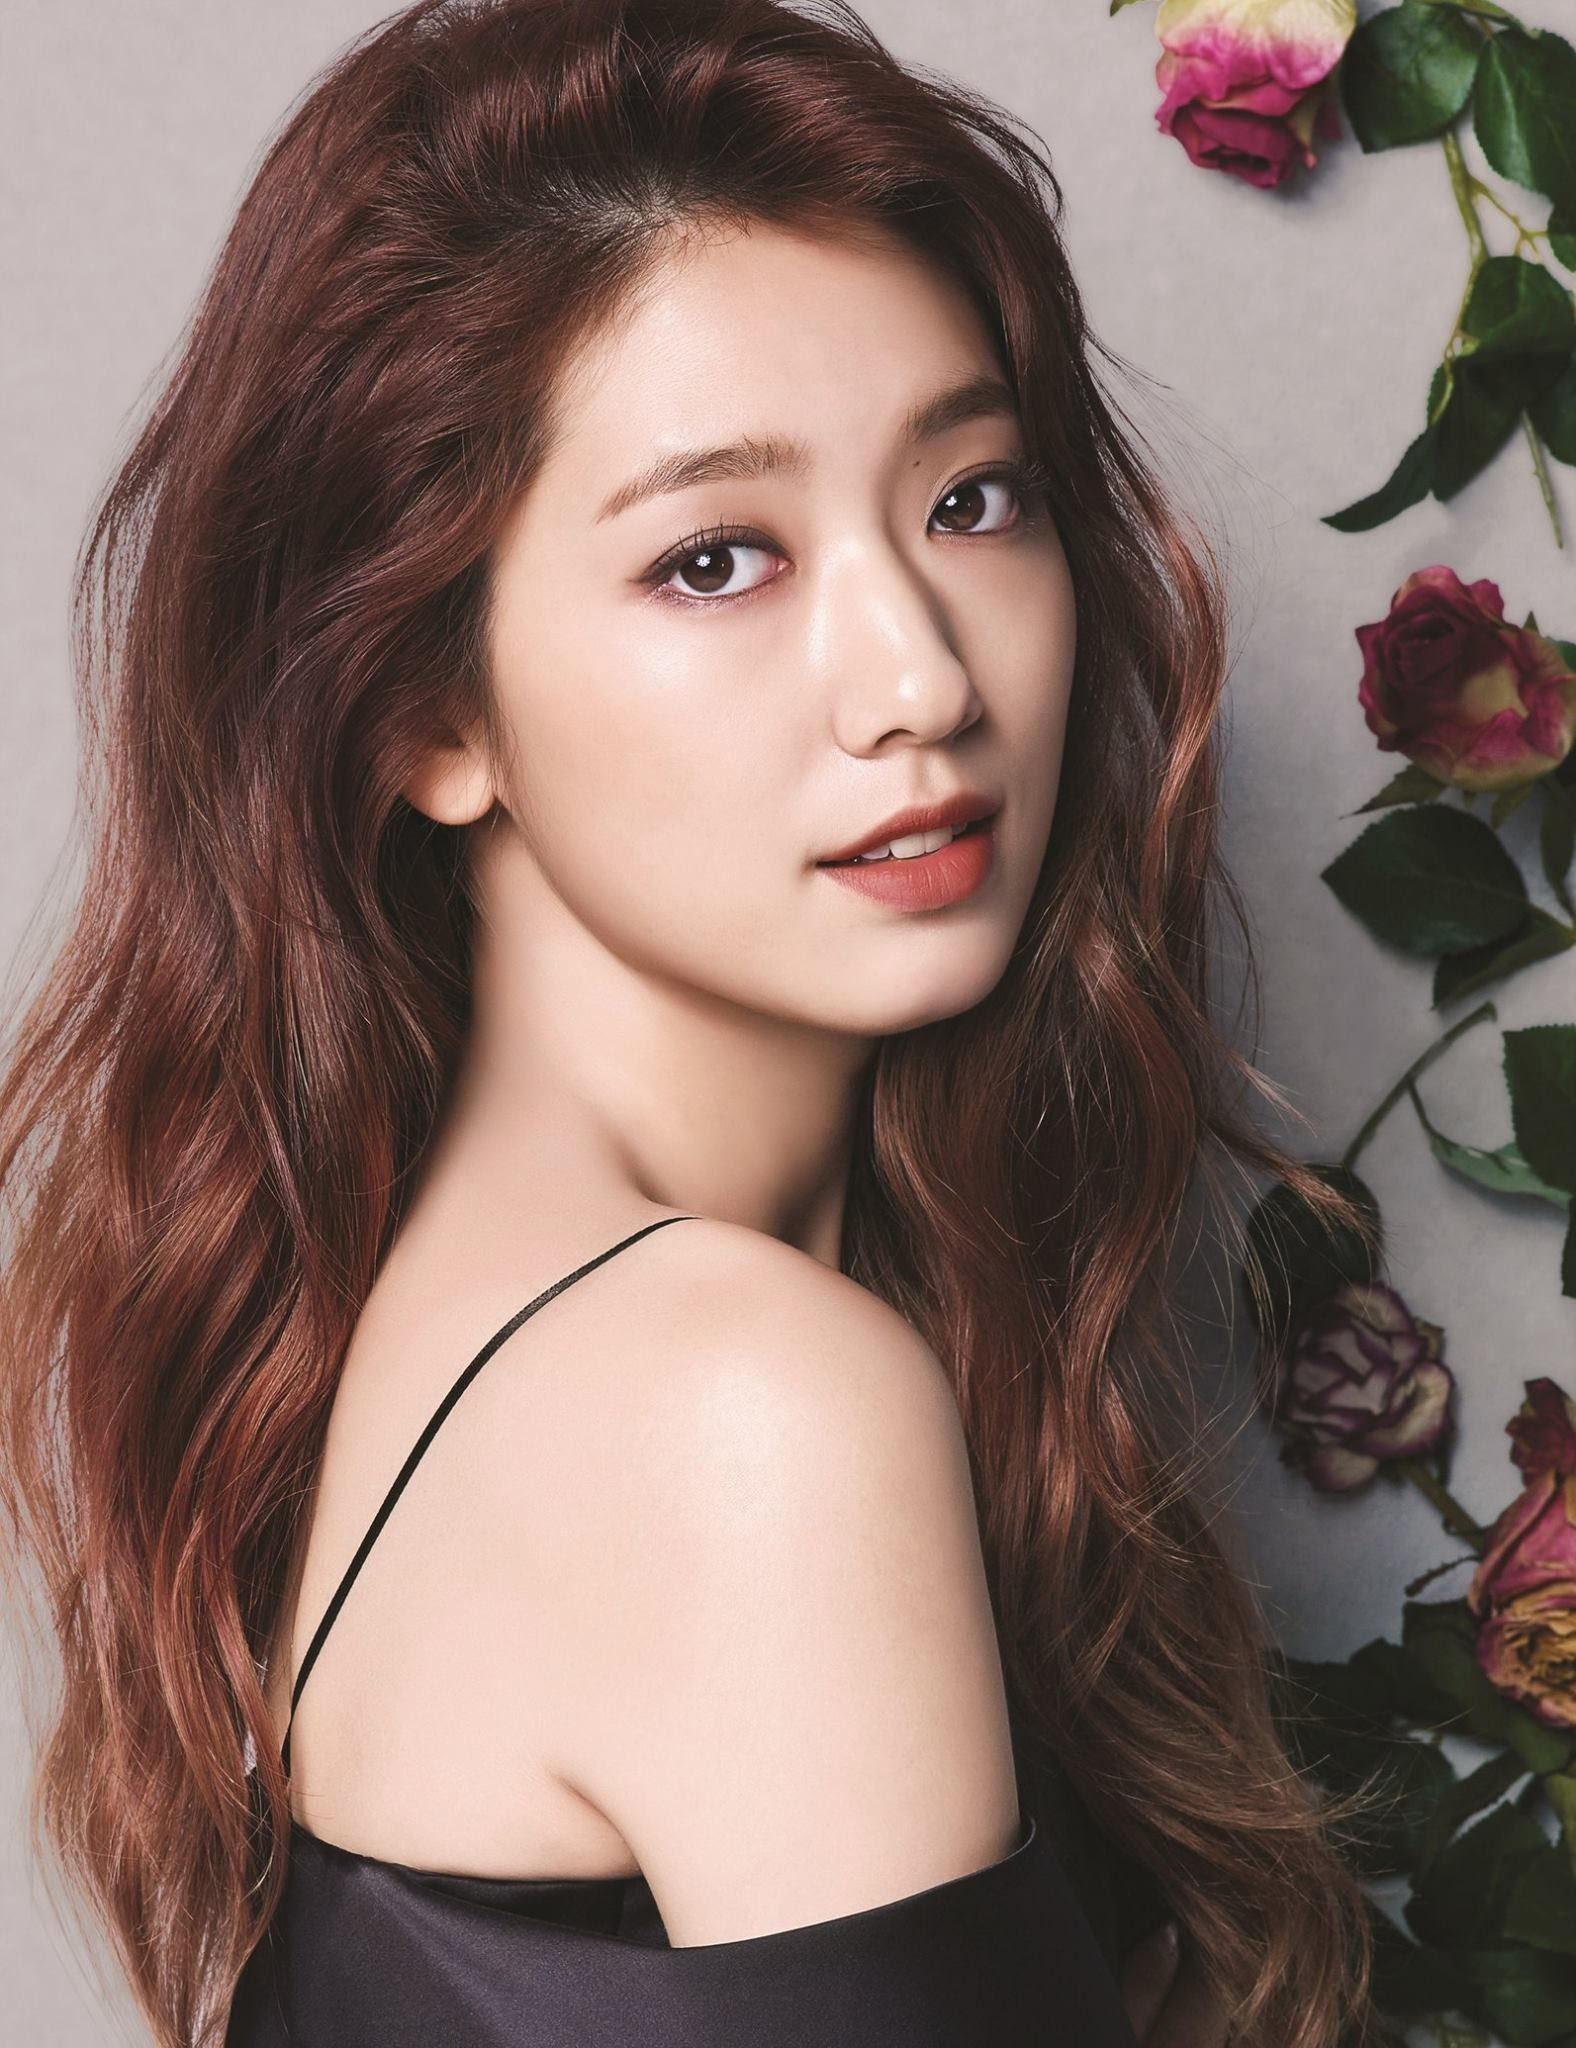 这6位韩国女星表示选男友不看重颜值,但网友看过她们伴侣后,纷纷大呼:根本就是骗人!插图14